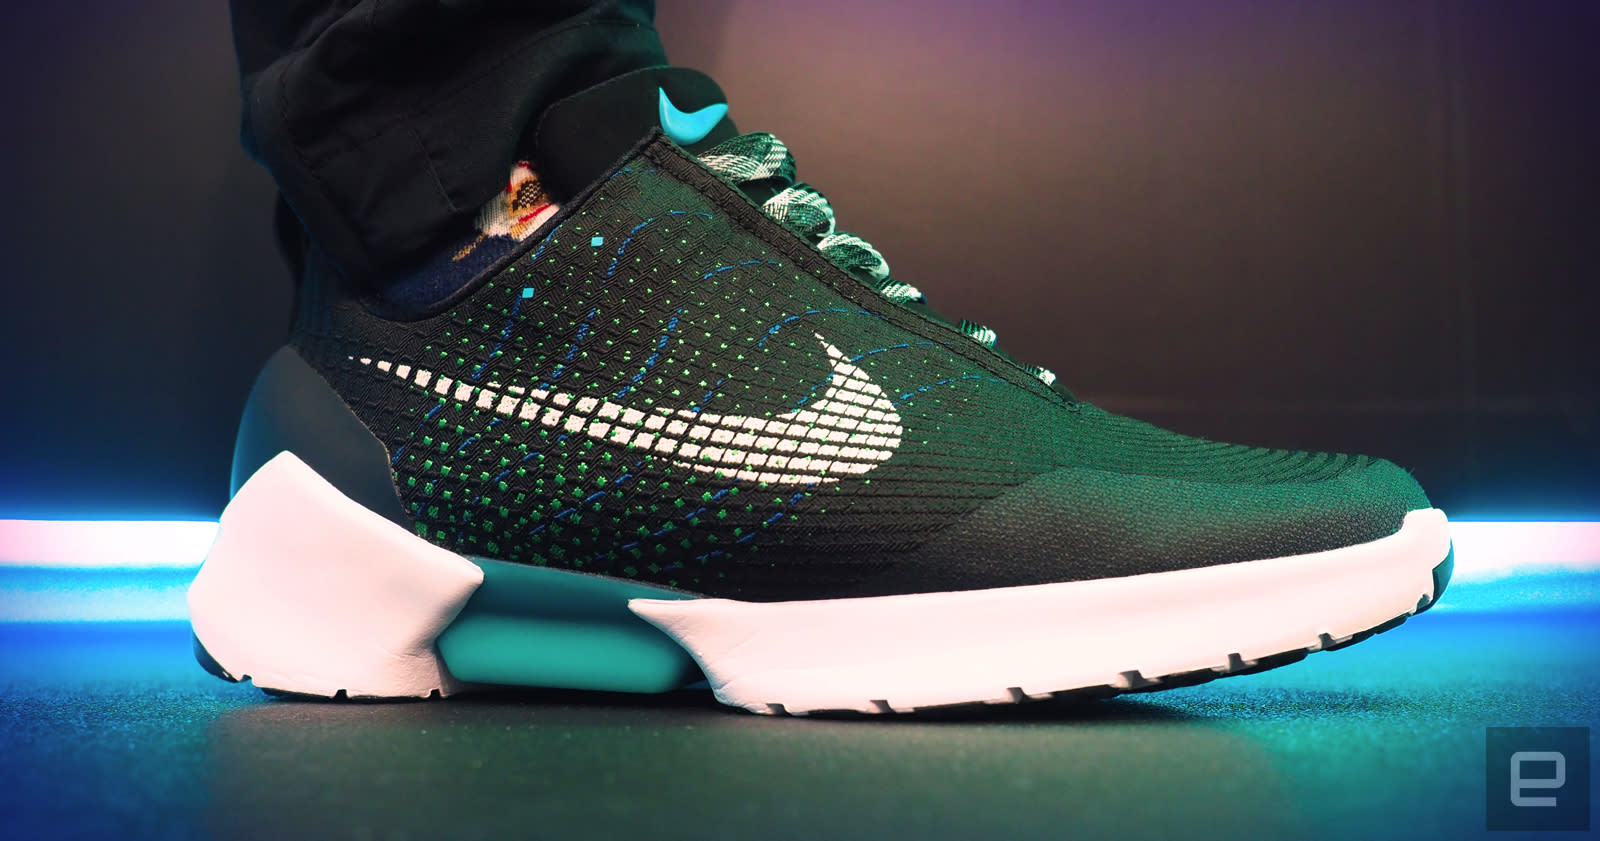 self-lacing HyperAdapt sneakers